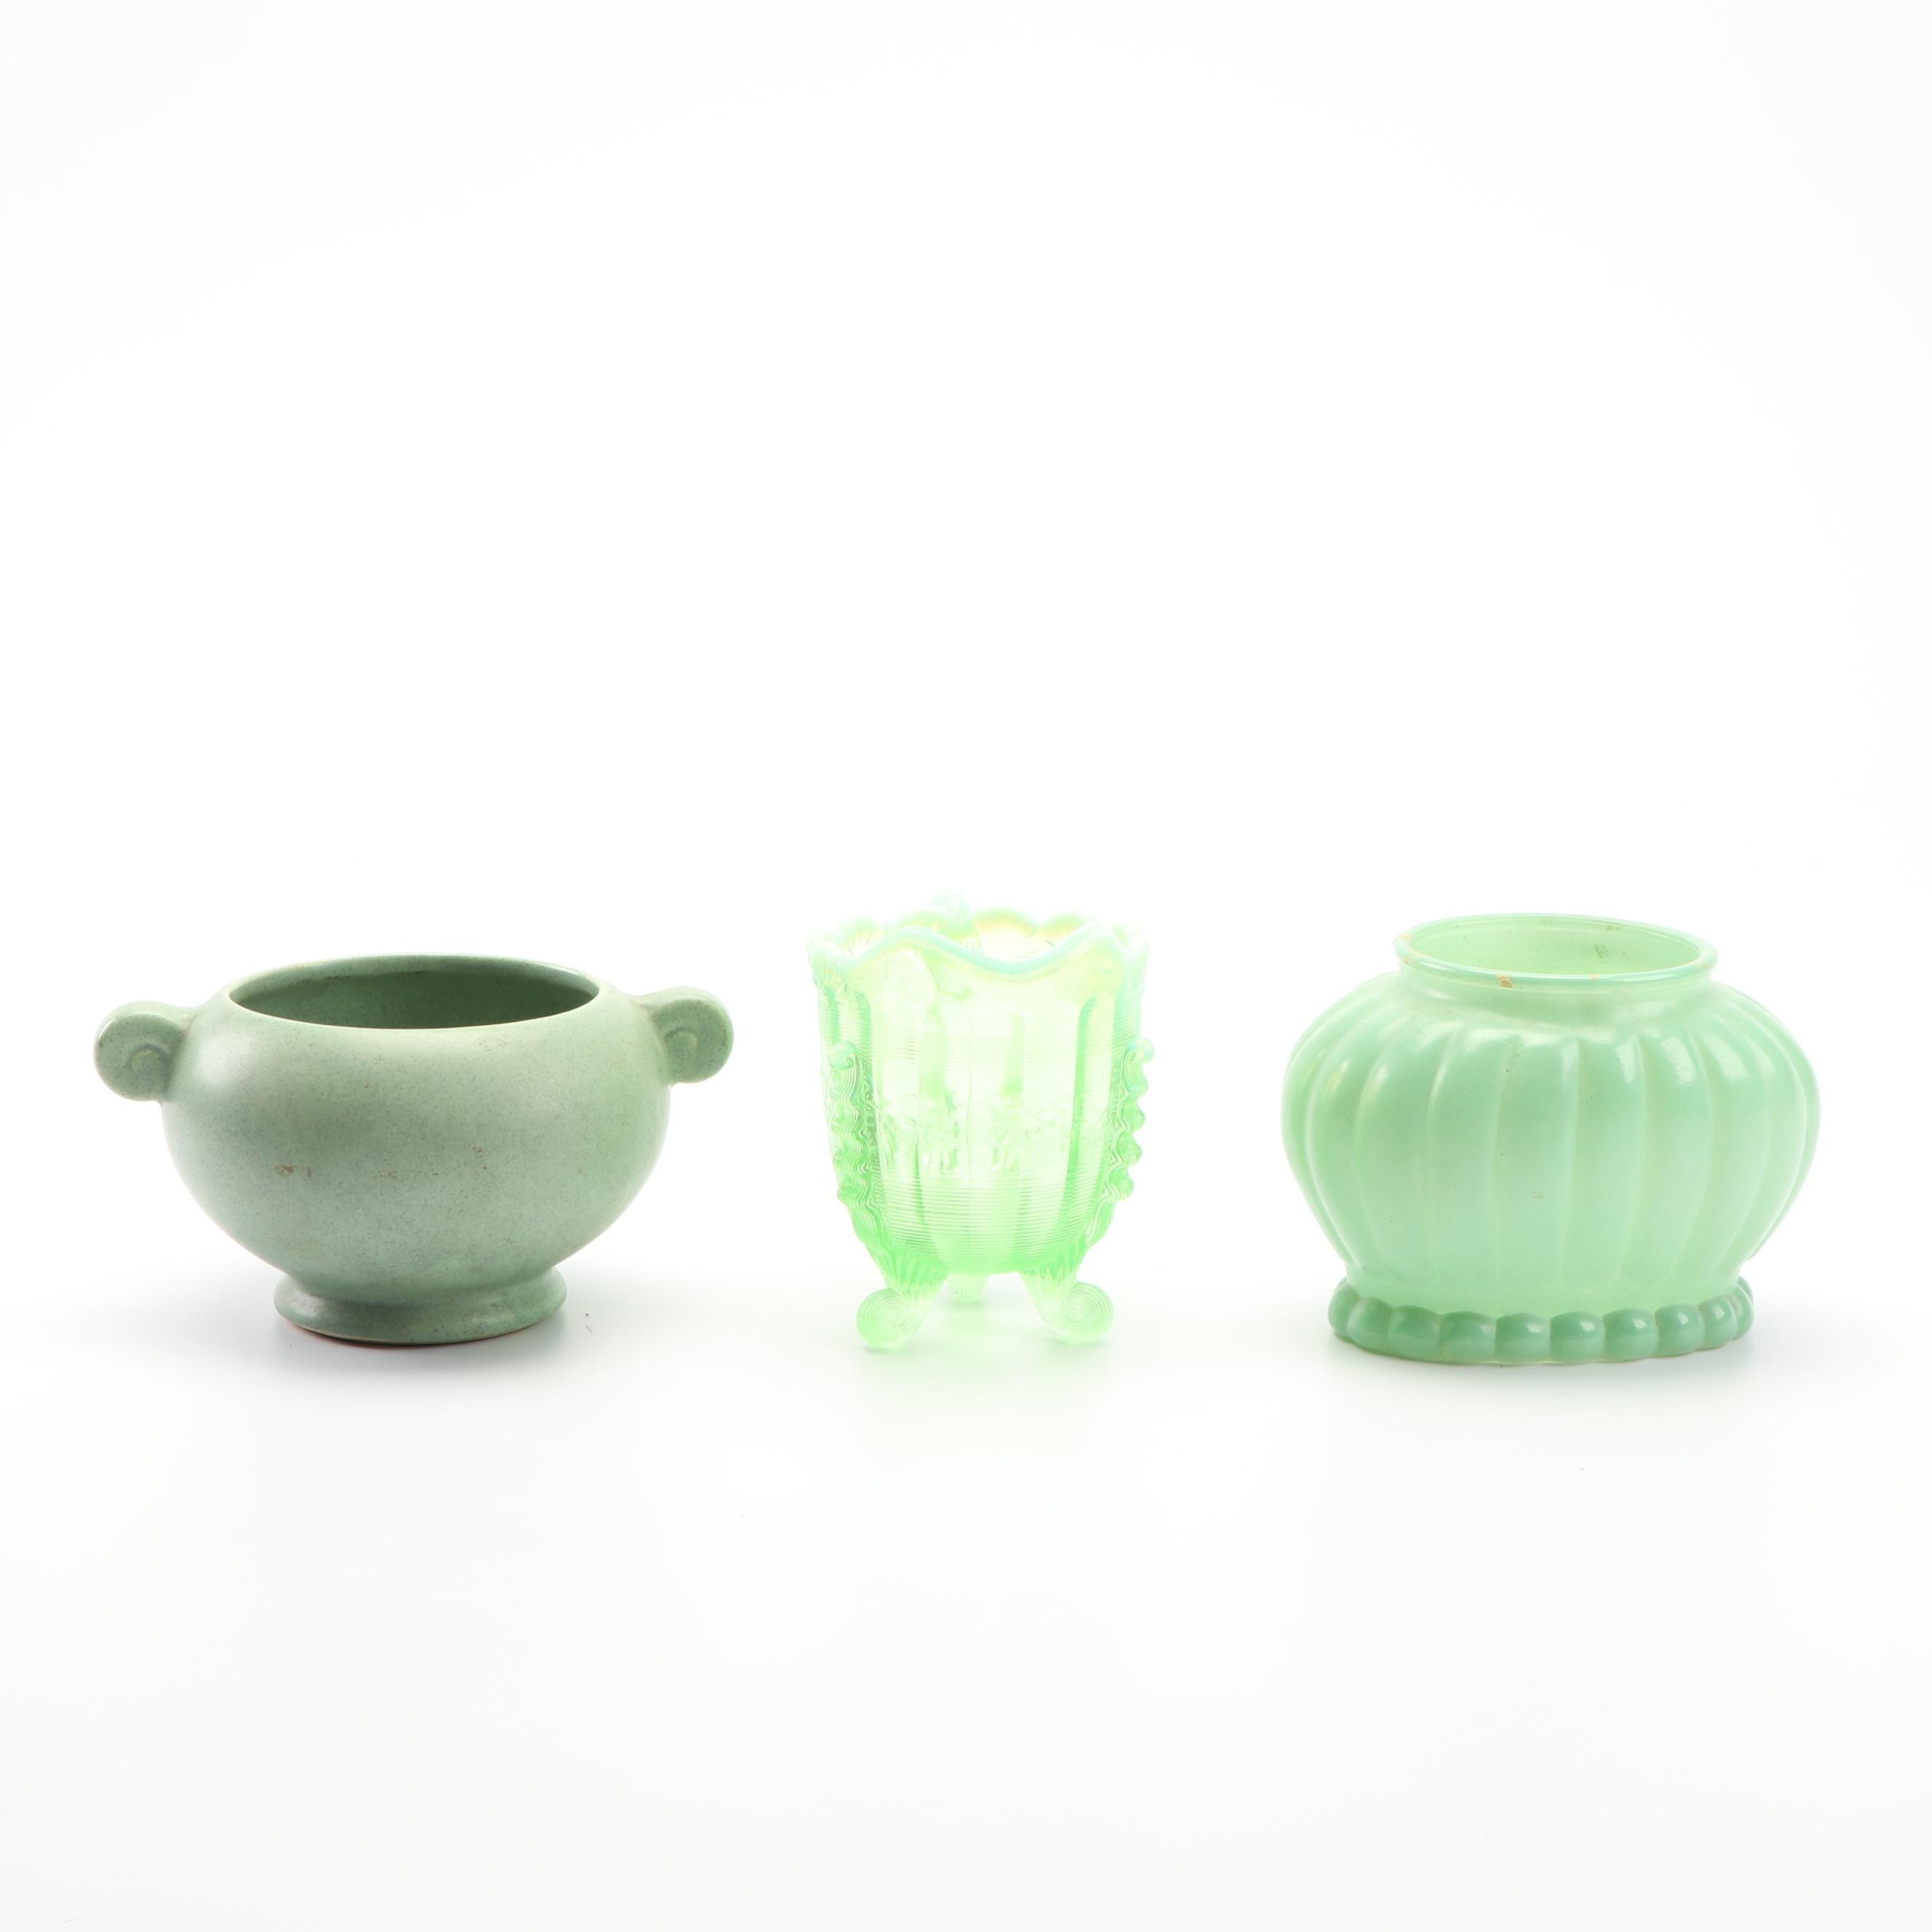 Decloedts Ceramic Planter, Depression Glass Pitcher, and Glass Planter